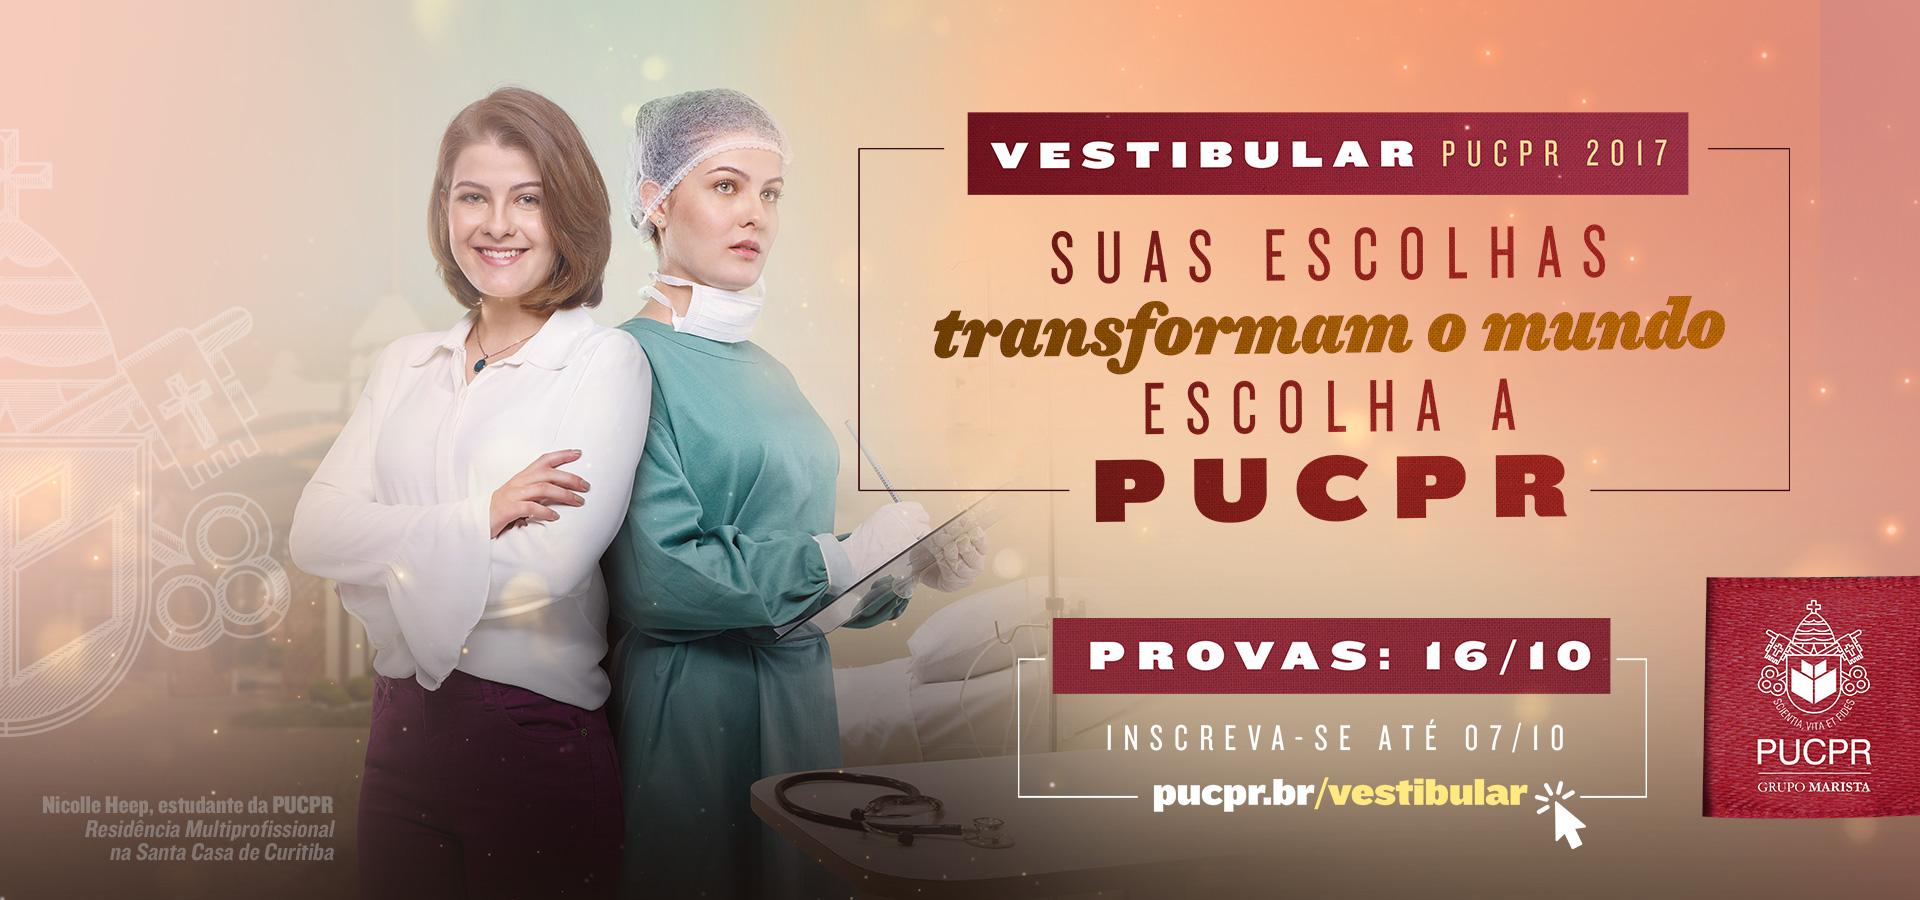 Vestibular PUV PR